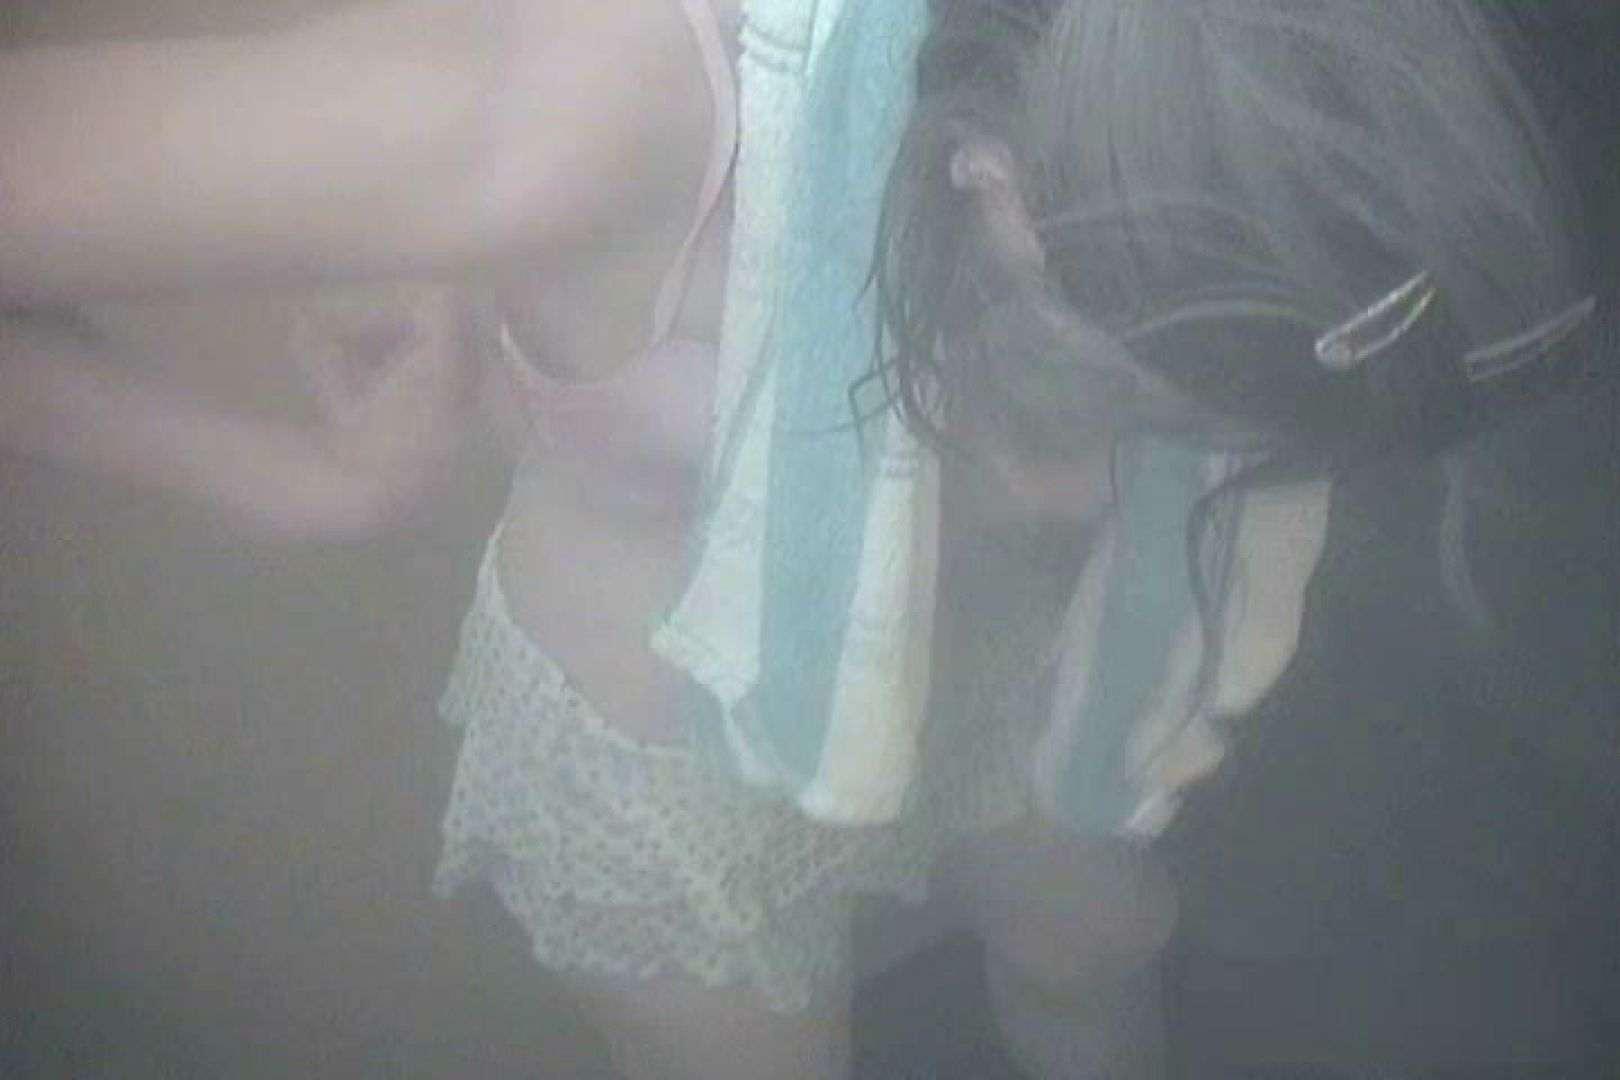 夏海シャワー室!ベトベトお肌をサラサラに!VOL.07 エロティックなOL  104画像 48